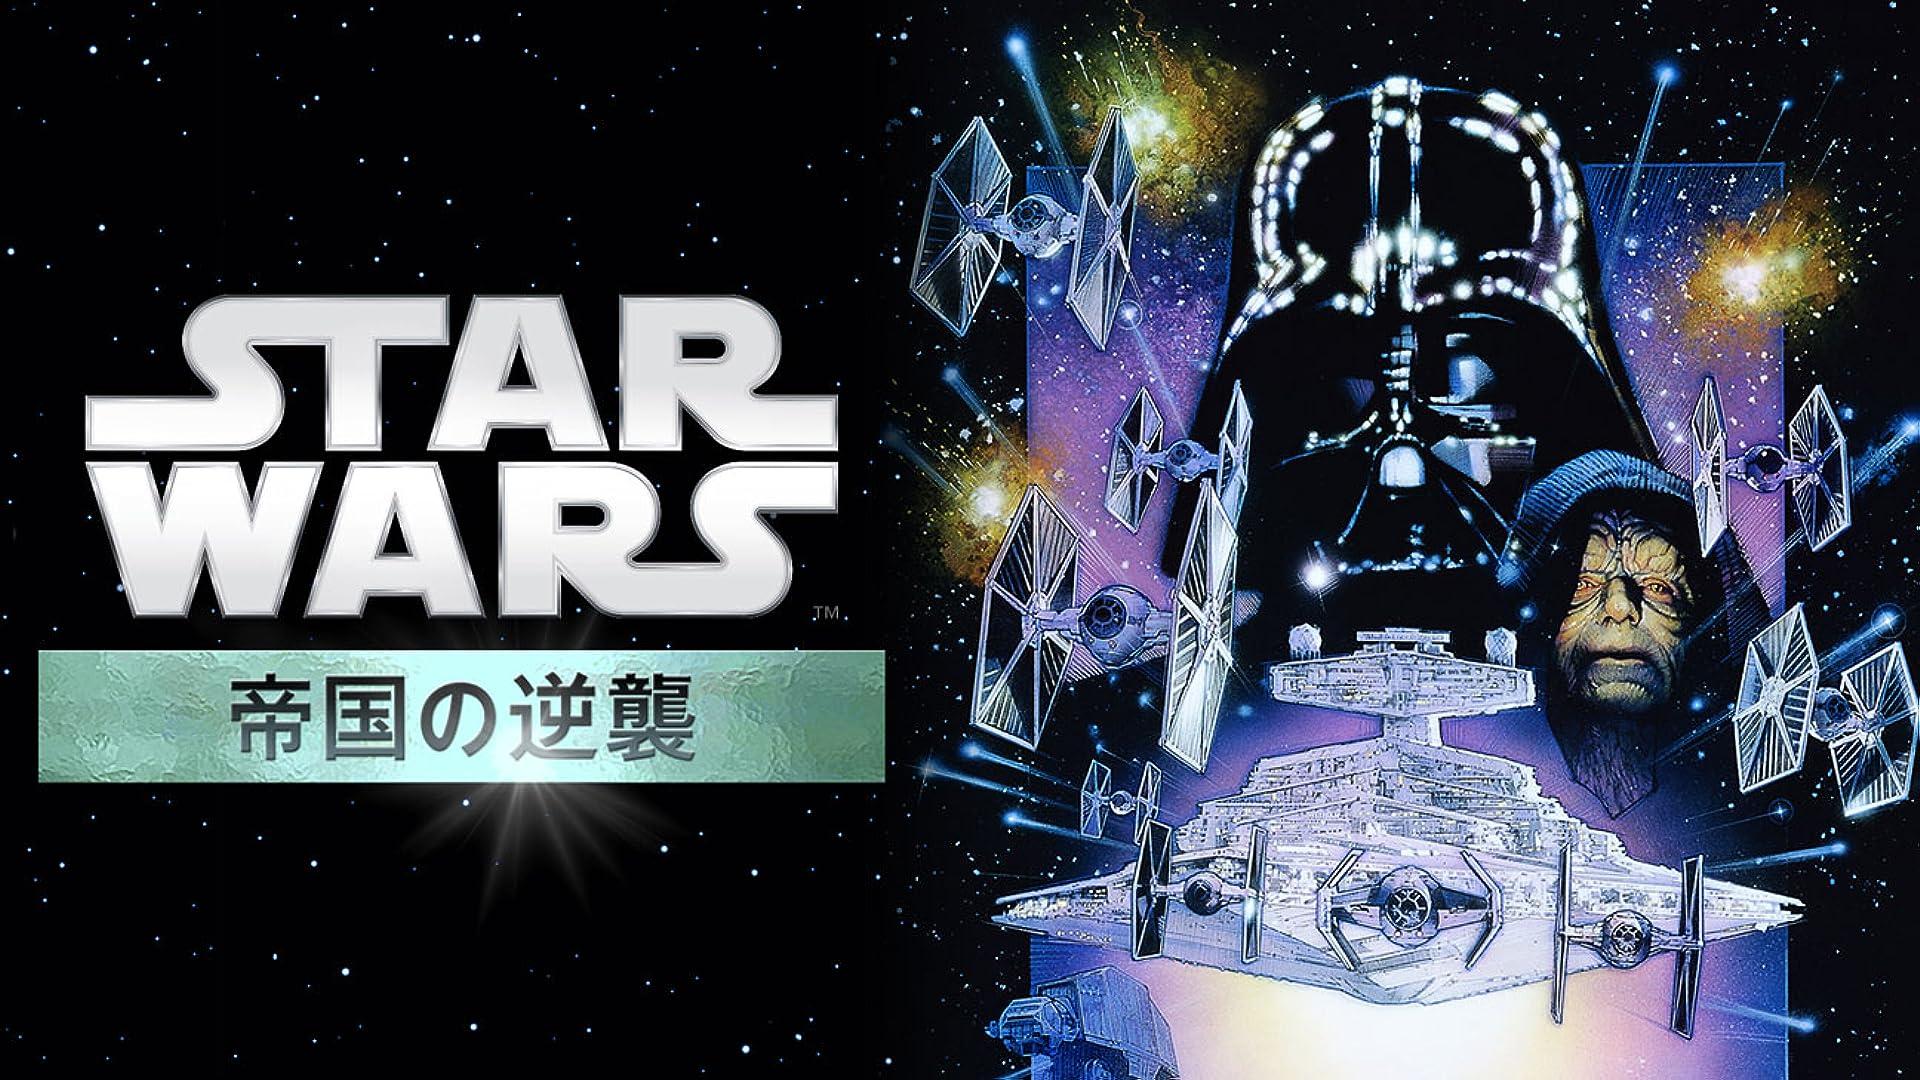 スター・ウォーズ エピソード5/帝国の逆襲(吹替版)